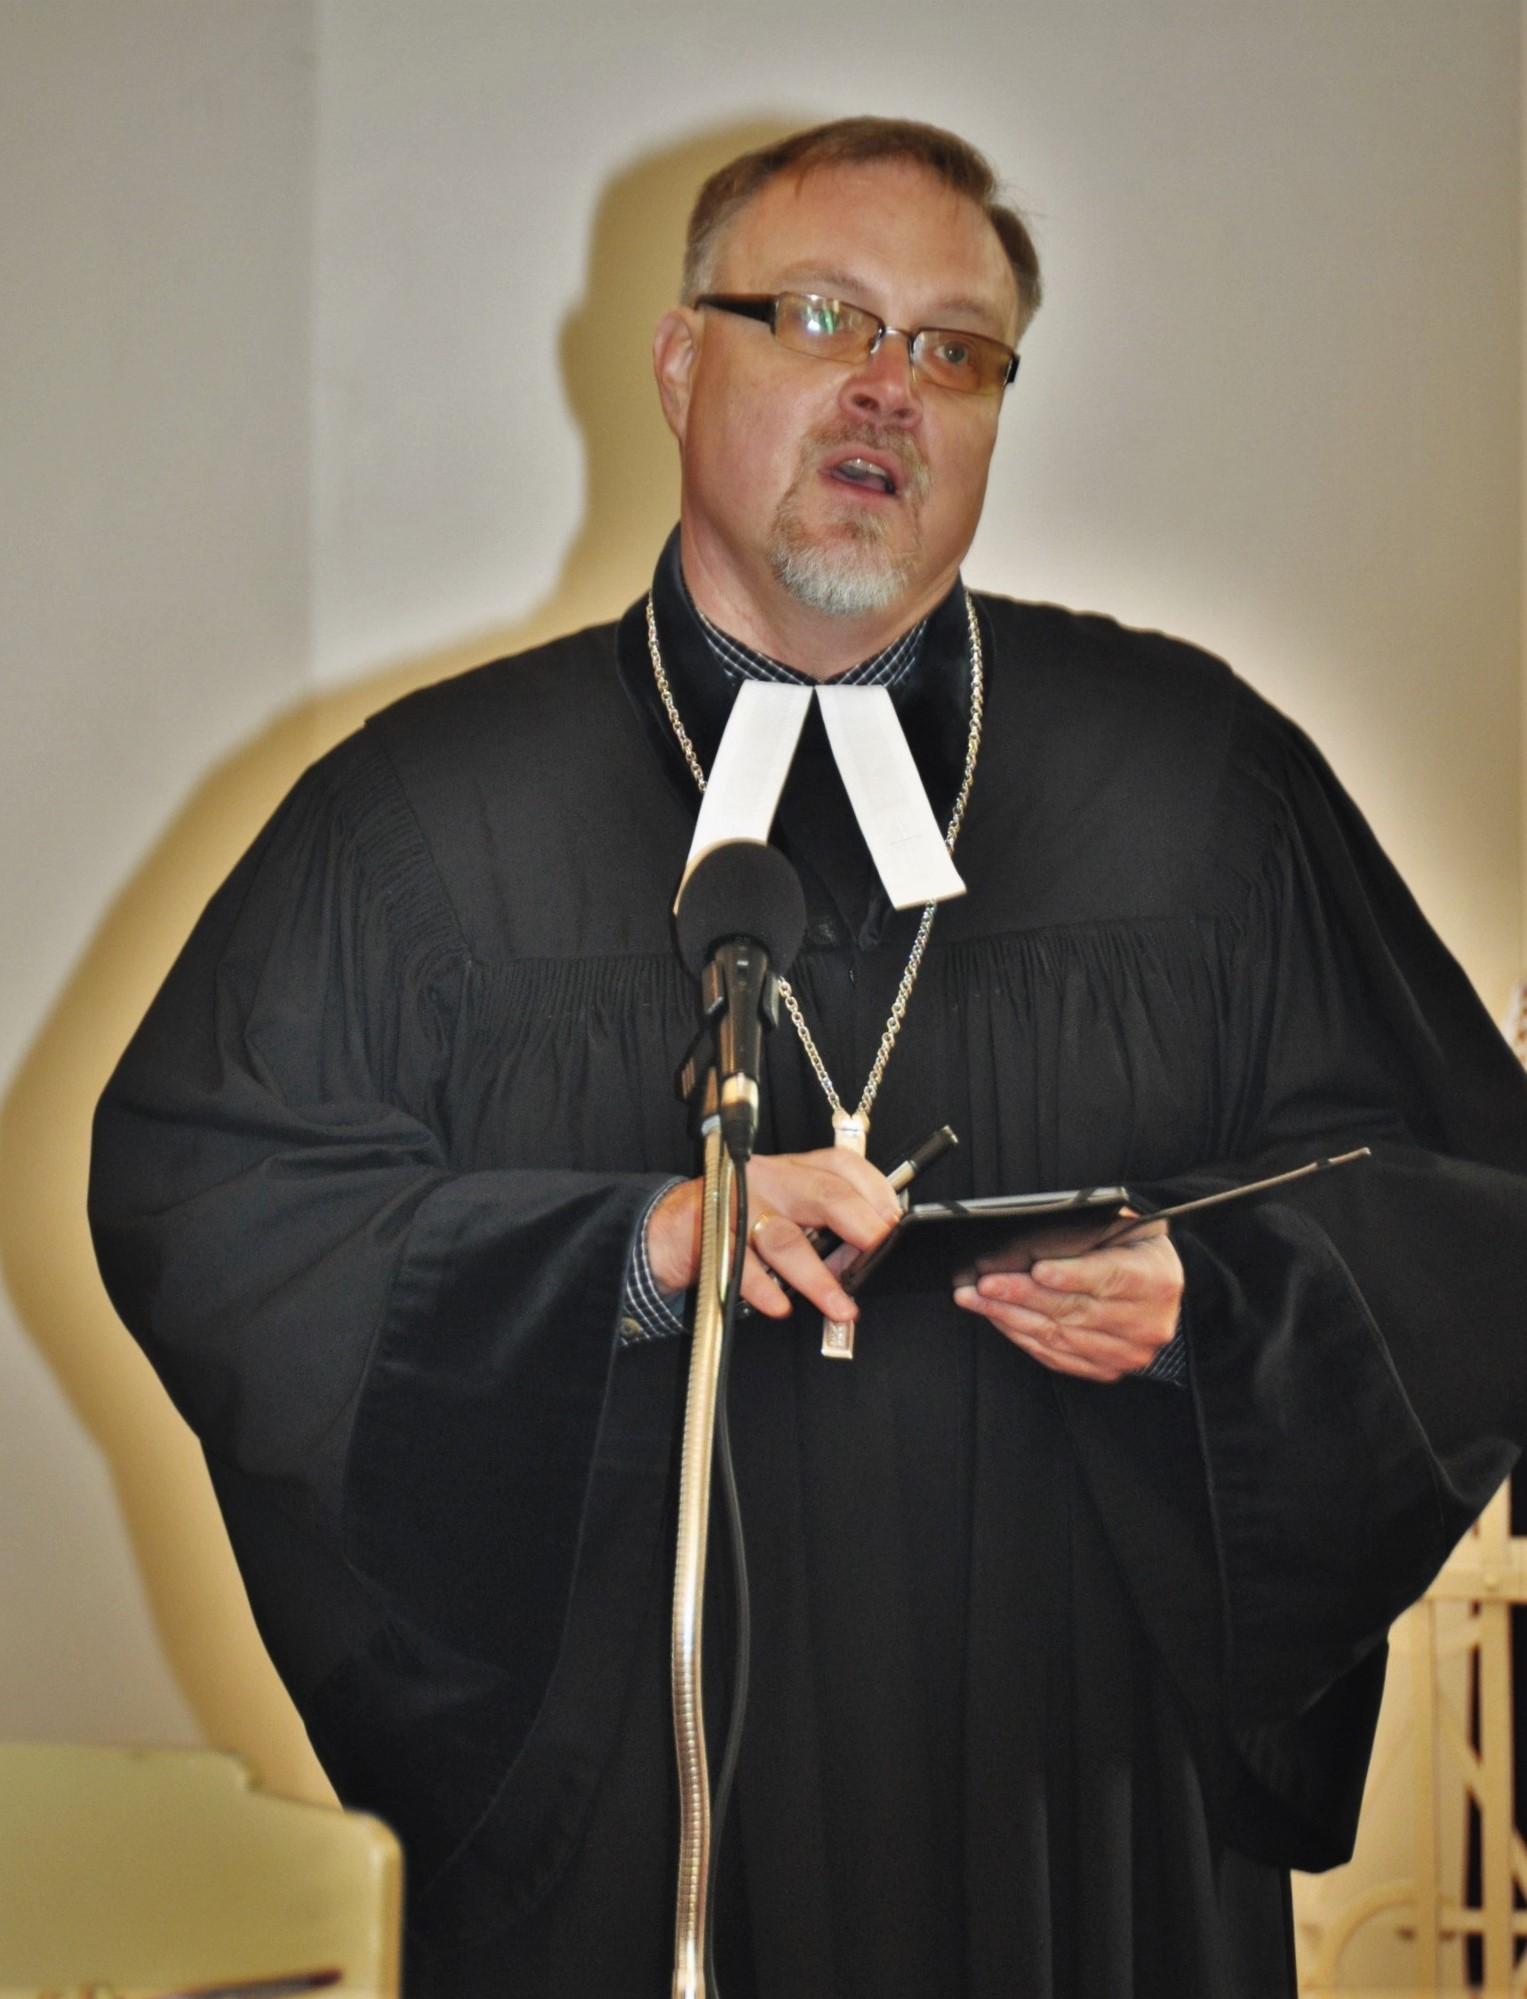 Zgłoszenie kandydatury na urząd pastora zboru